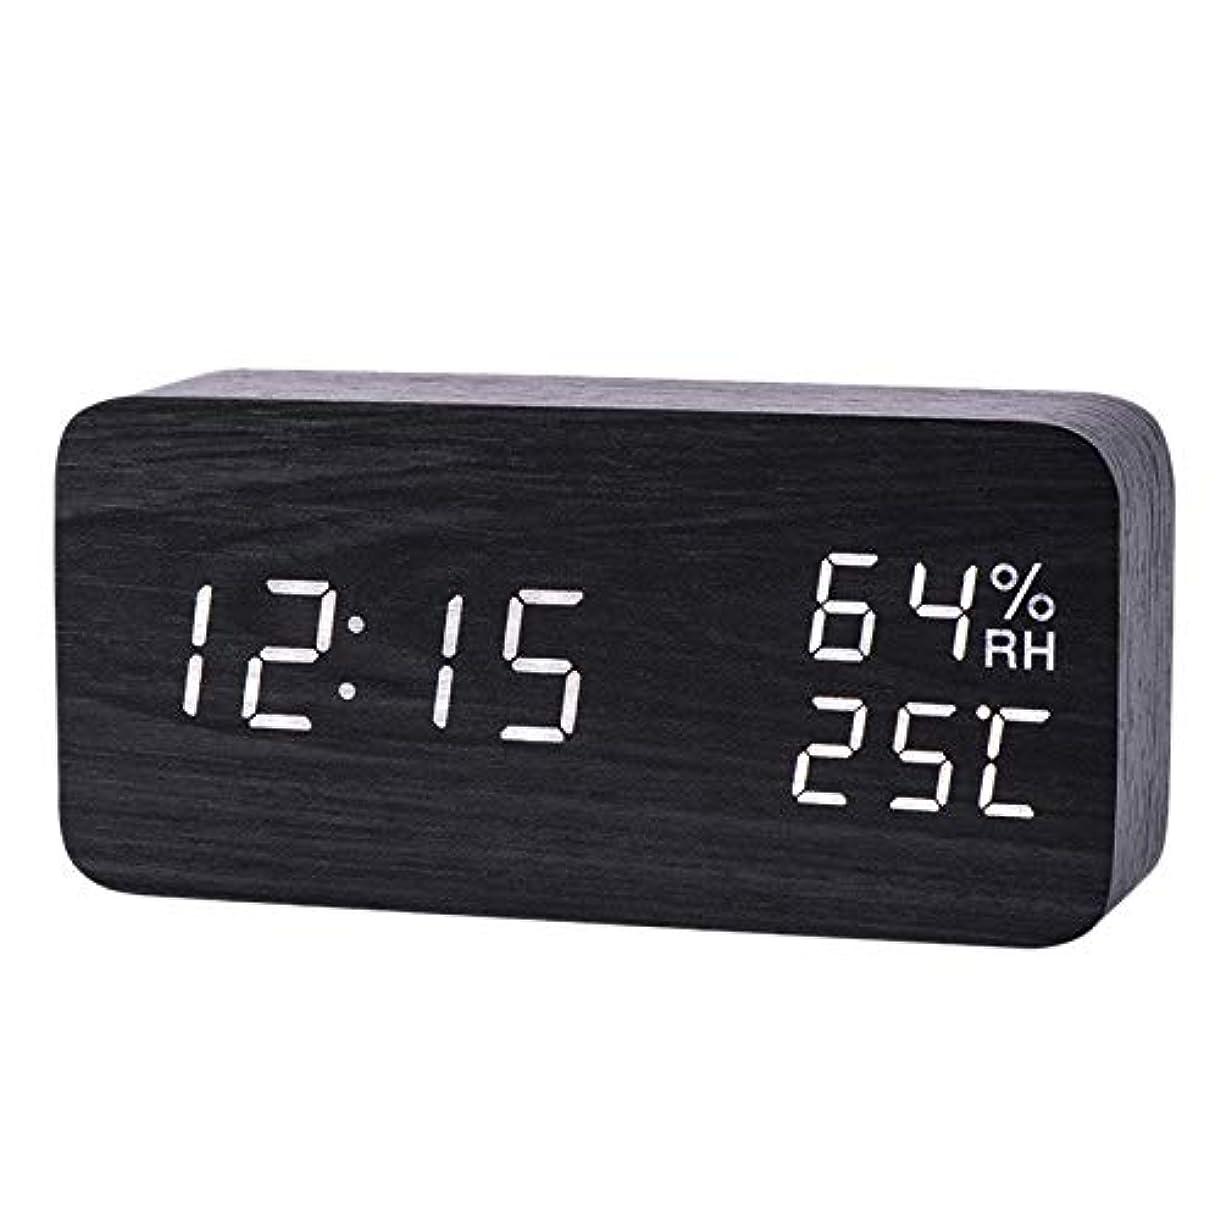 創始者似ている周囲Xigeapg モダンなLed目覚まし時計、温度、湿度、電子デスクトップのデジタル置時計、黒色 + 白色の字幕